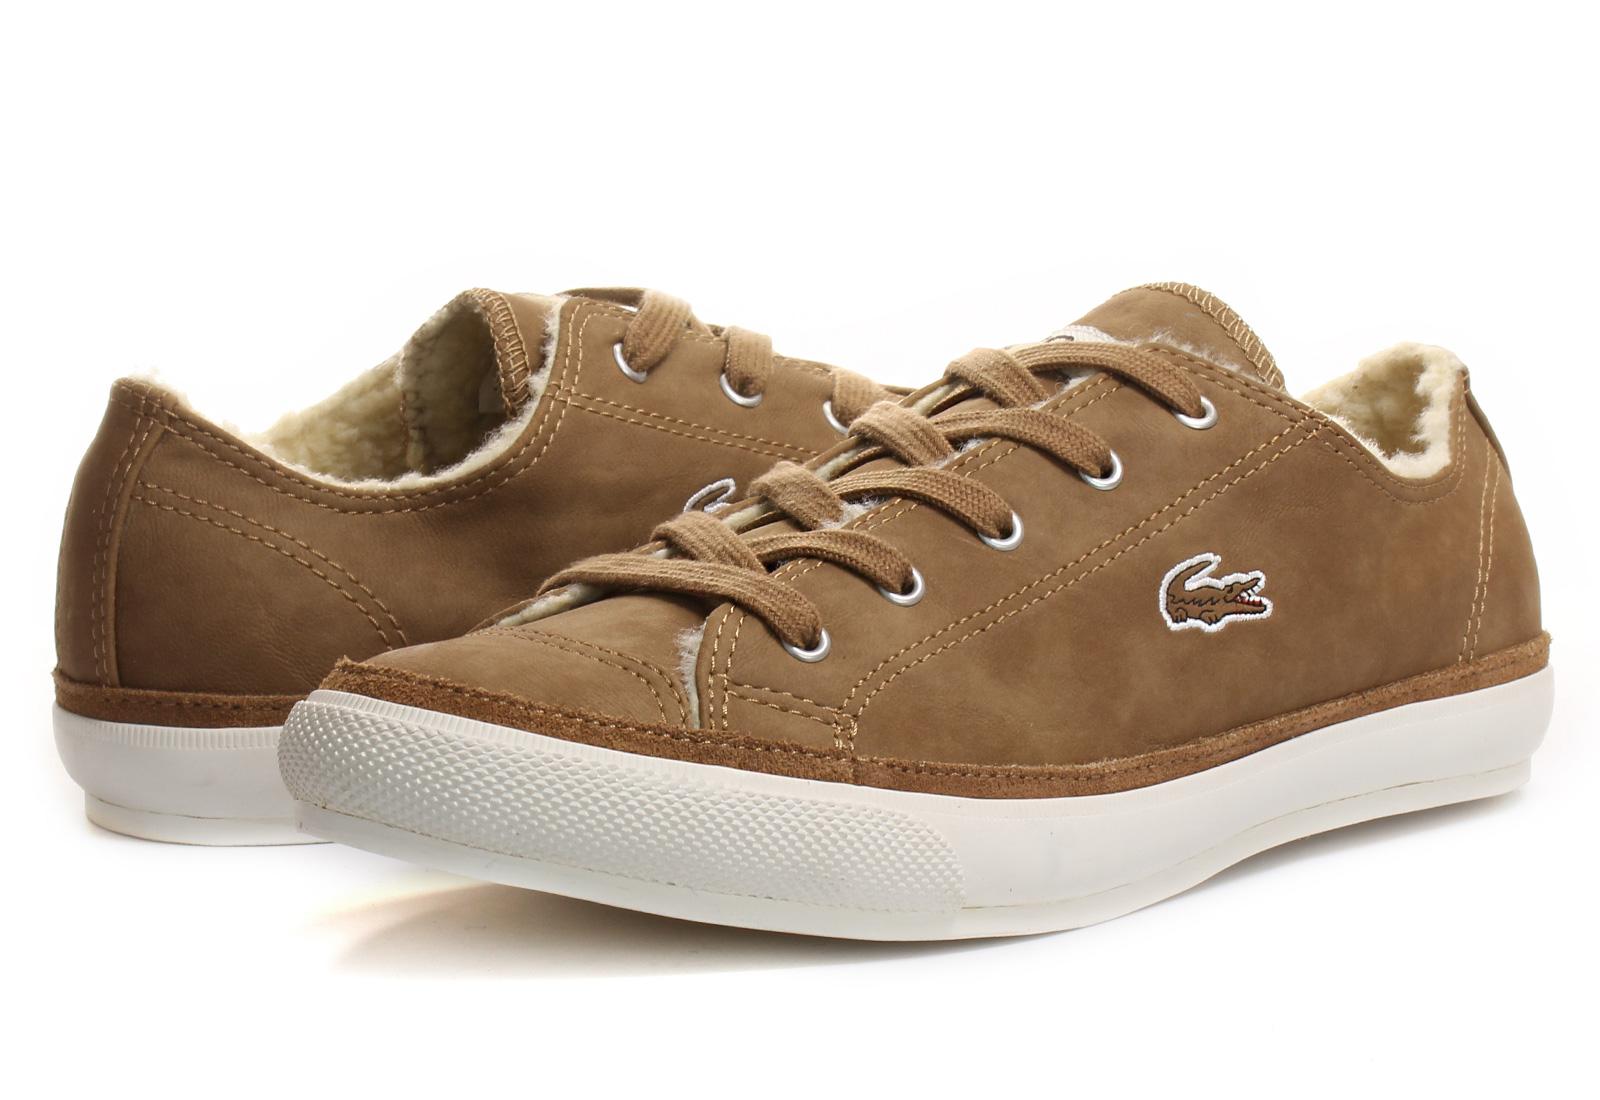 lacoste shoes fairburn 133srw0116013 online shop